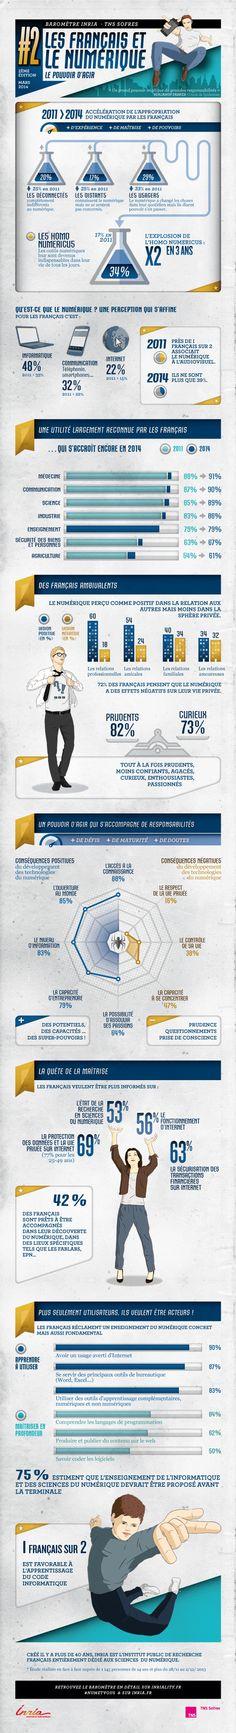 Francais et lenumerique infographie1 / 4 profils types des Français face au numérique peuvent être dépeints. Alors quel est le vôtre : déconnecté, distant, usager ou homo numéricus ? A noter : selon cette étude, 72% pensent que le numérique a des effets négatifs sur la vie privée !